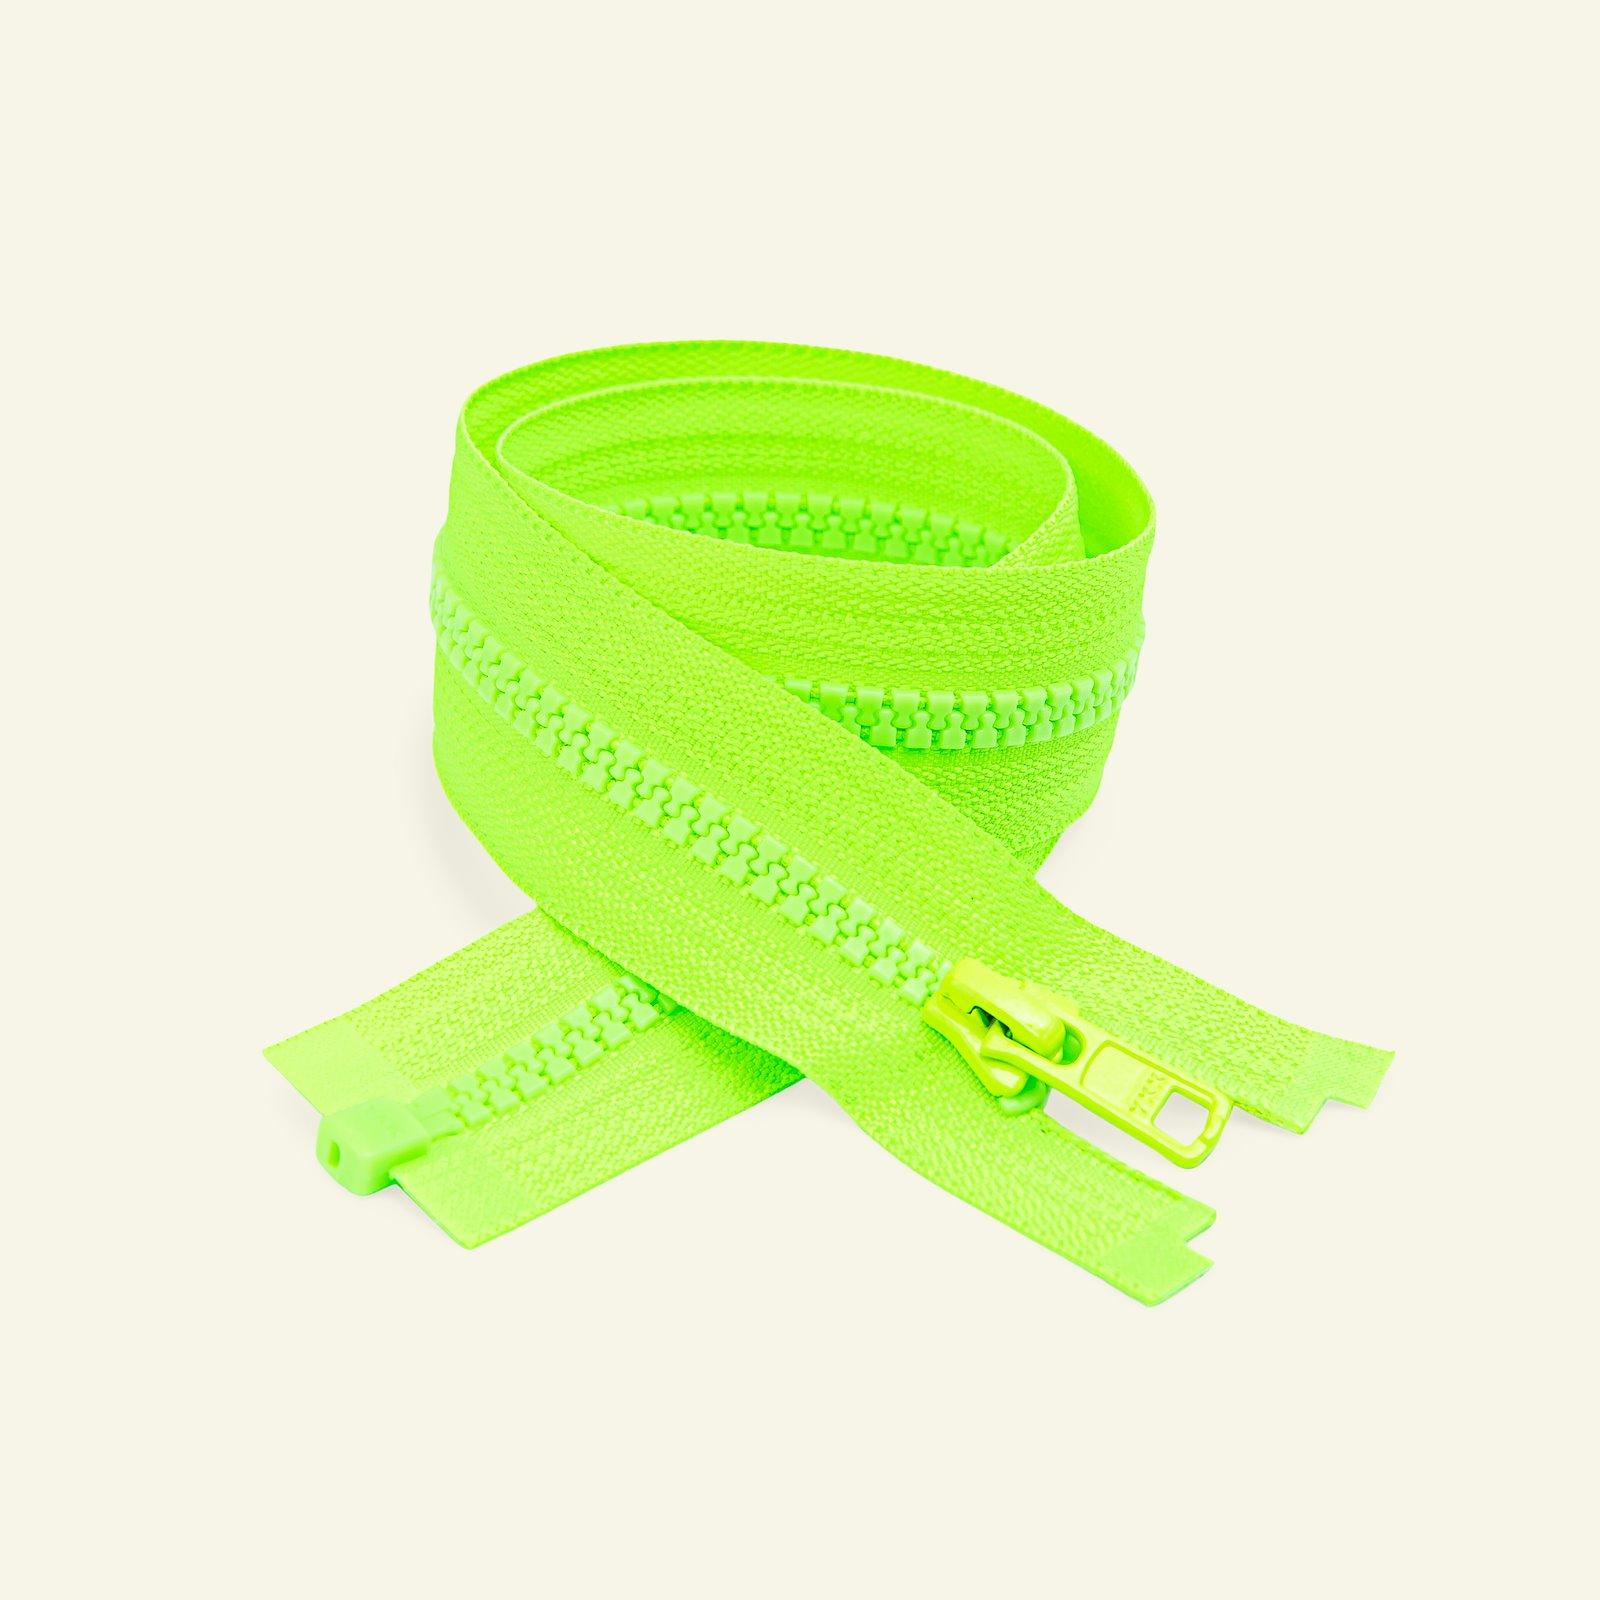 YKK zip 6mm open end 55cm neon green x50086_pack